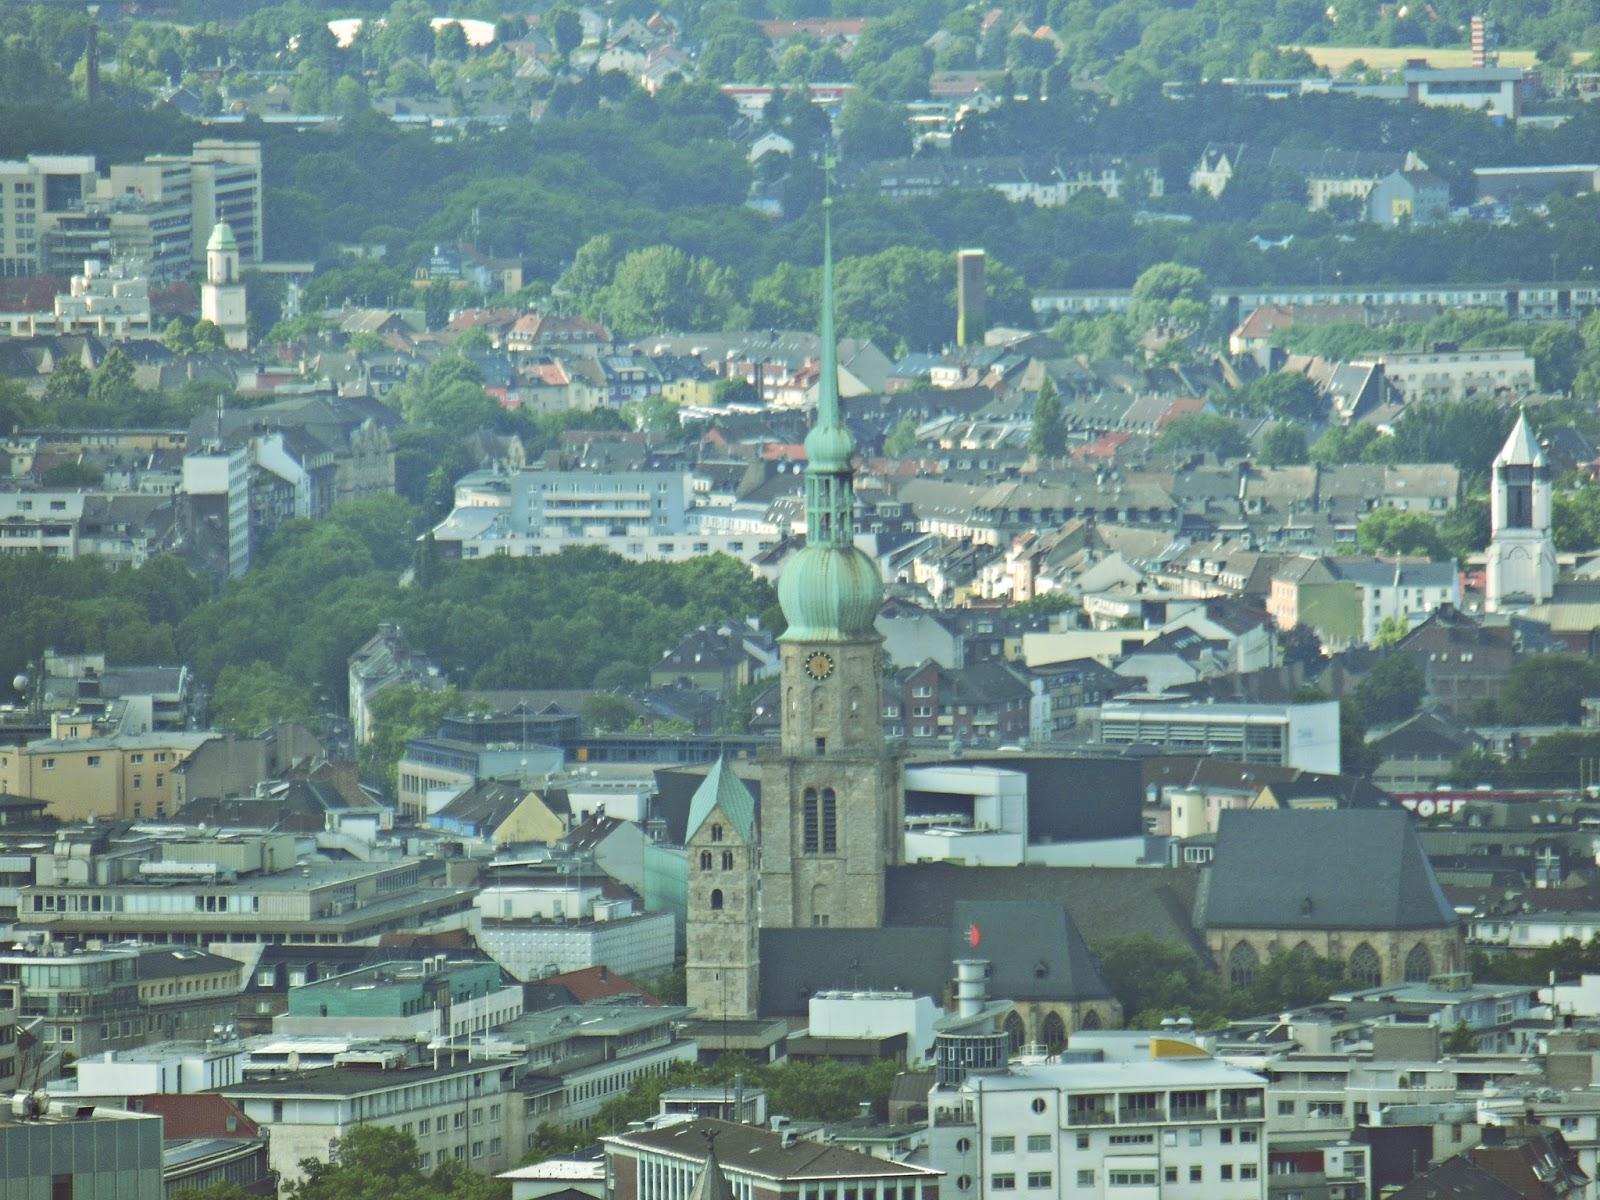 Najlepszy punkt widokowy w Dortmundzie